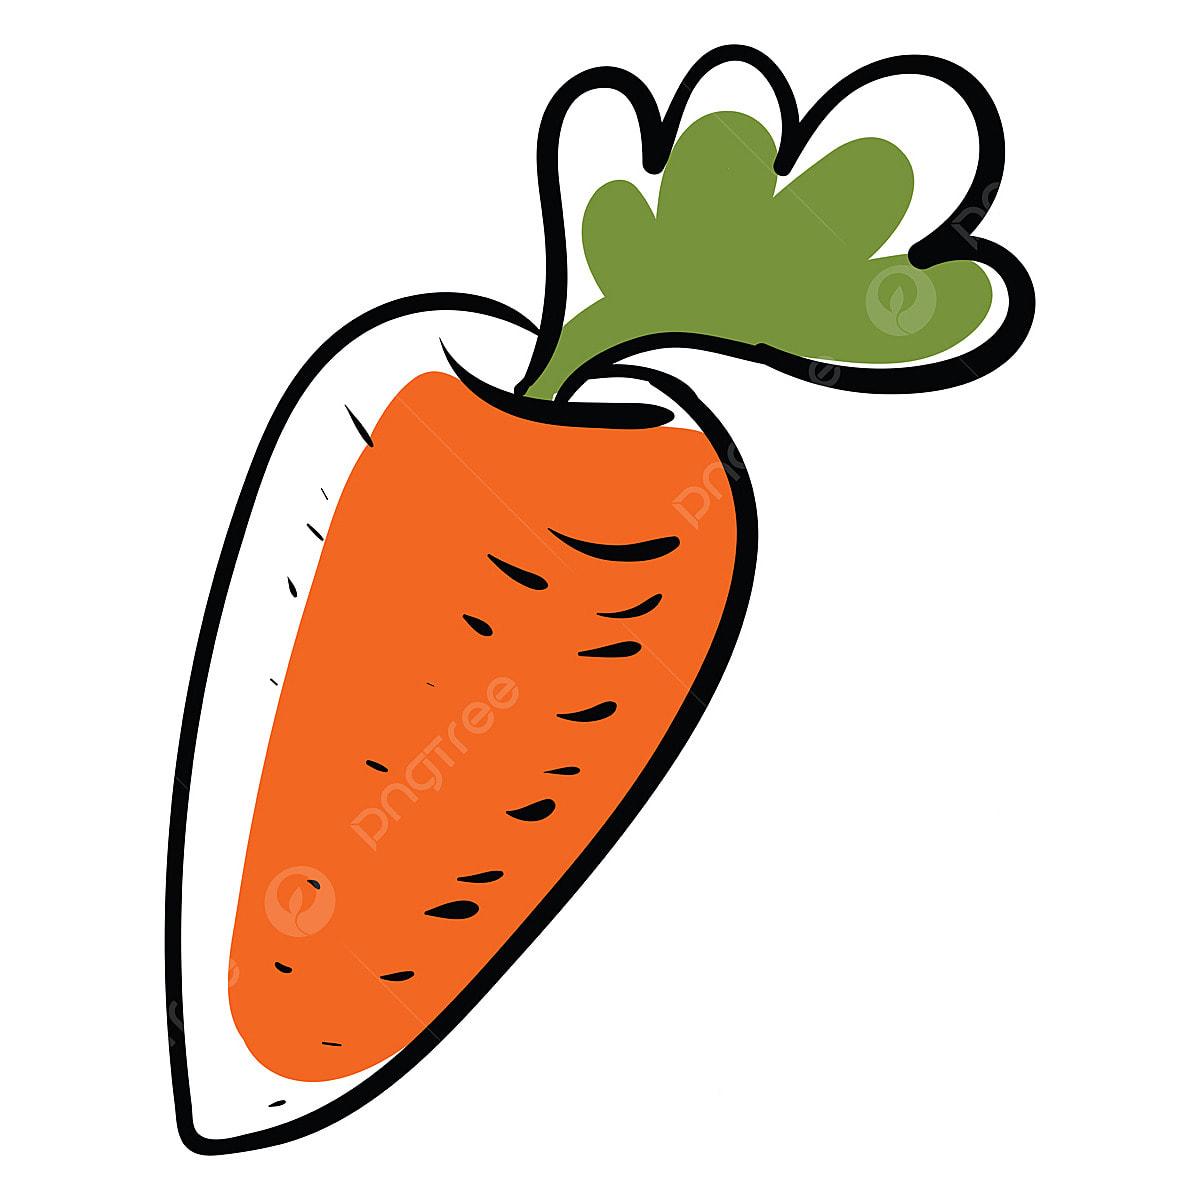 Zanahoria Dibujo Png Vectores Psd E Clipart Para Descarga Gratuita Pngtree También era tiempo de que comenzara y terminara un dibujo en un periodo de 2 días ;w https es pngtree com freepng carrot drawing illustration vector on white background 5293460 html